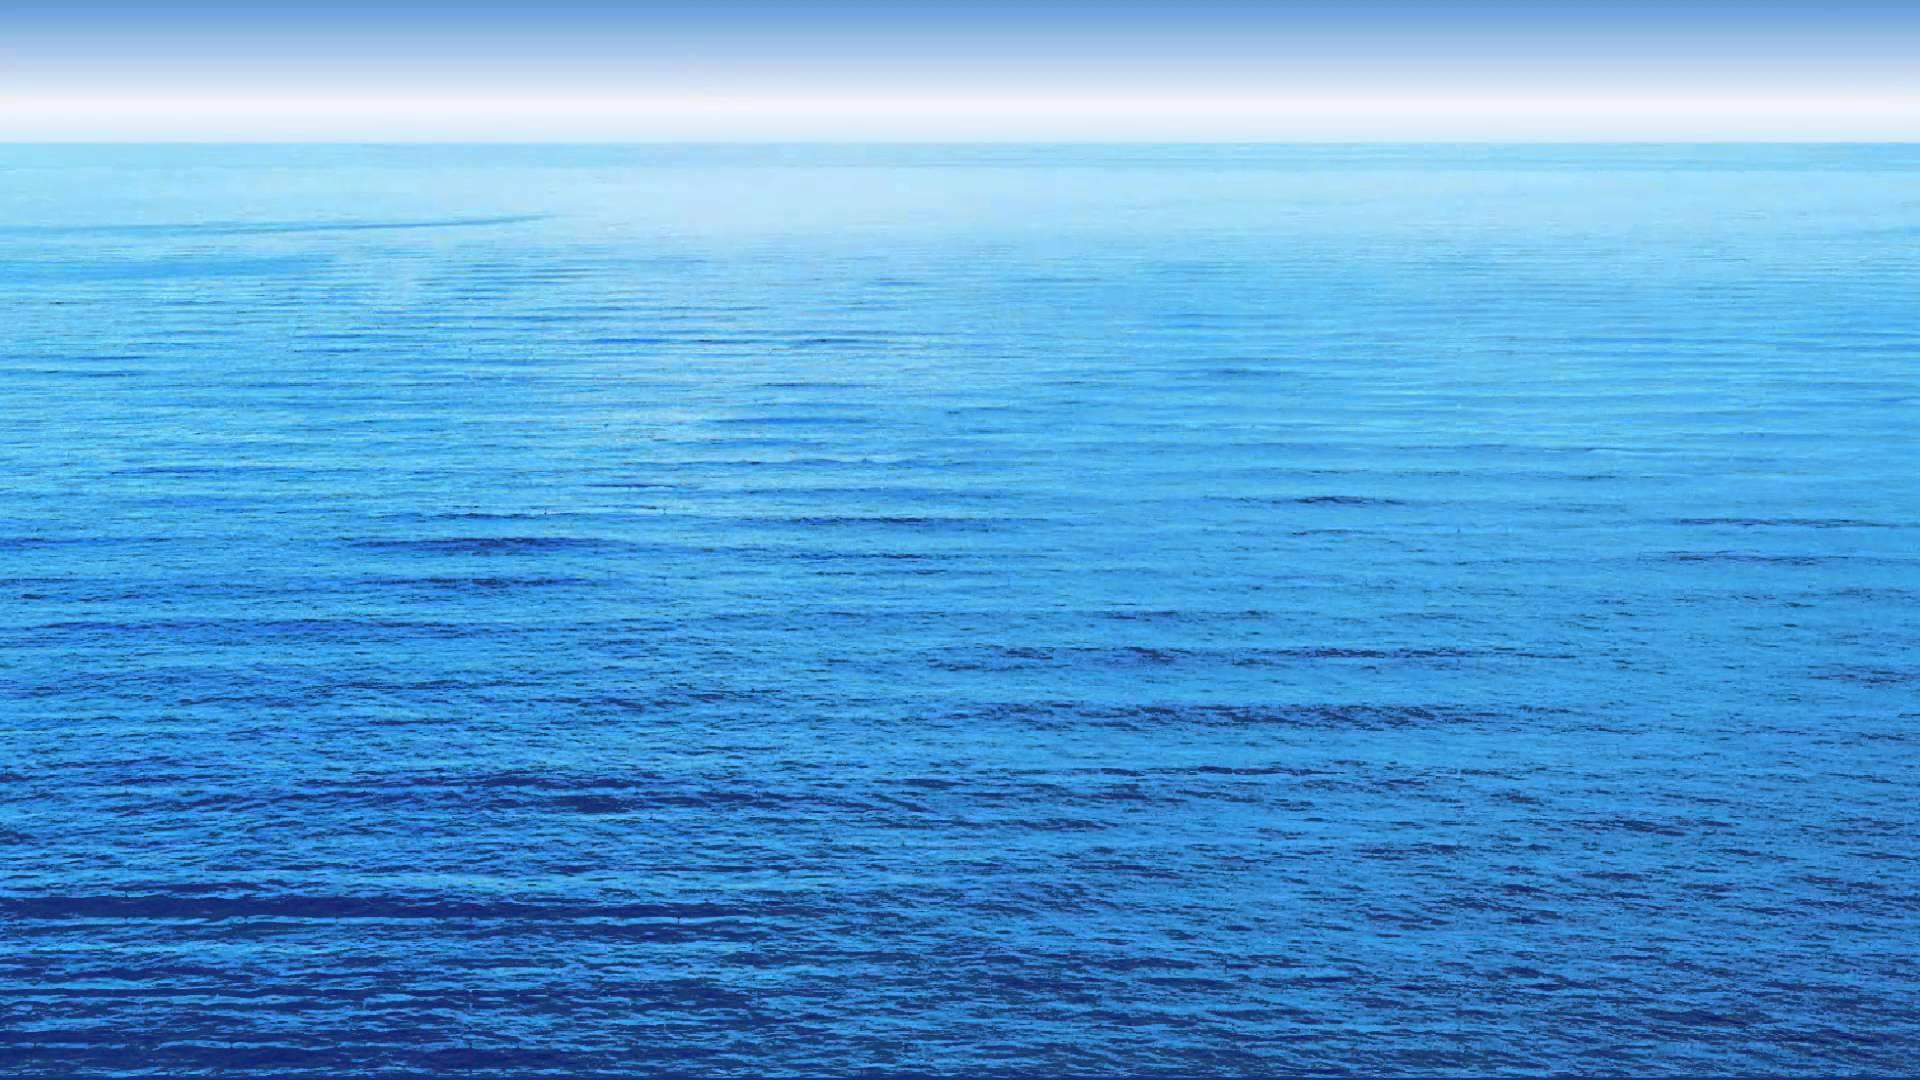 Ocean Background Video Loop 1920x1080